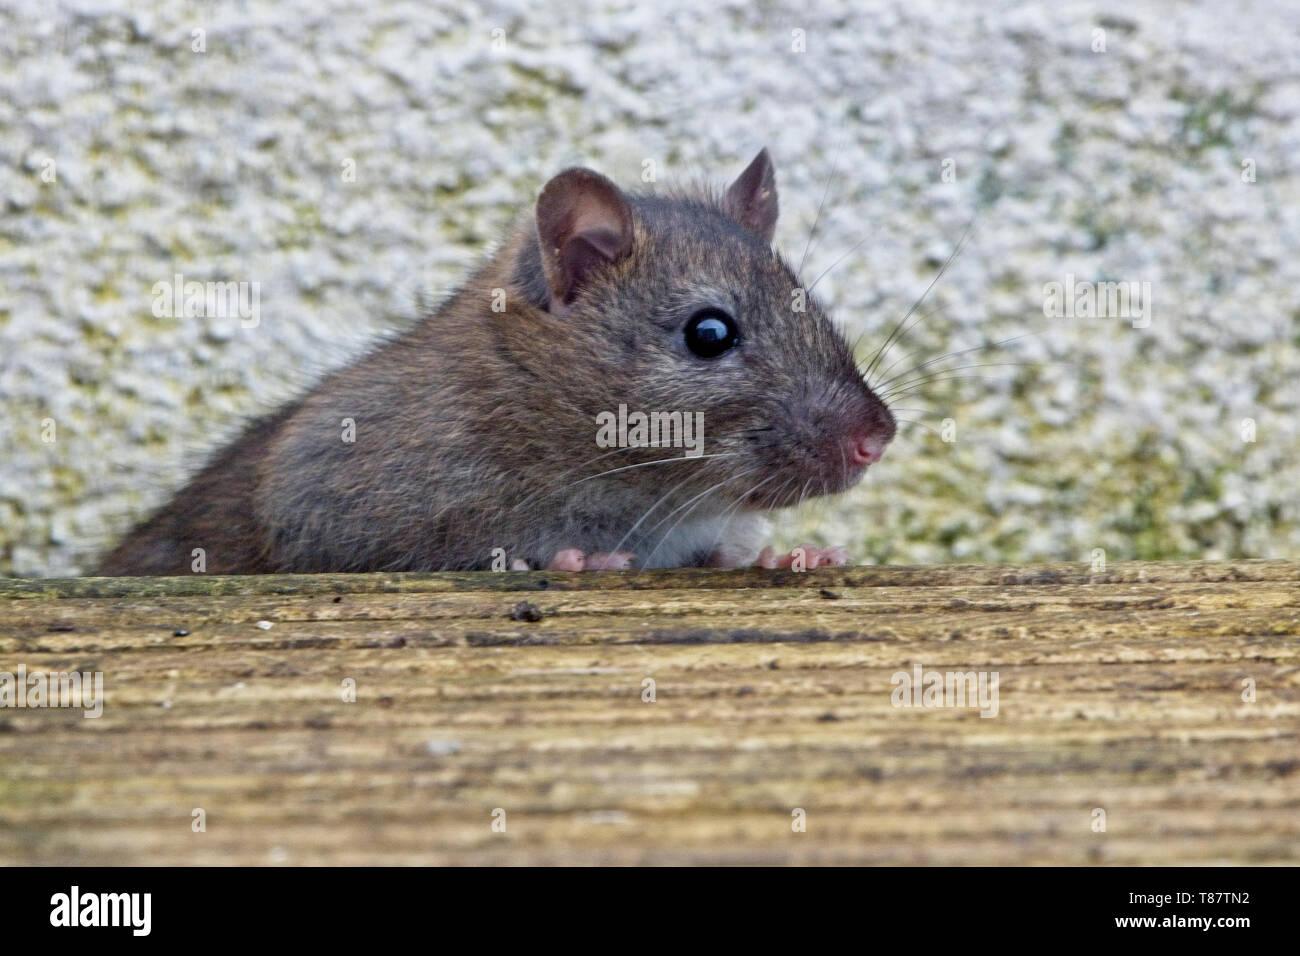 Young Brown Rat, (Rattus norvegicus), Penzance, Cornwall, England, UK. - Stock Image